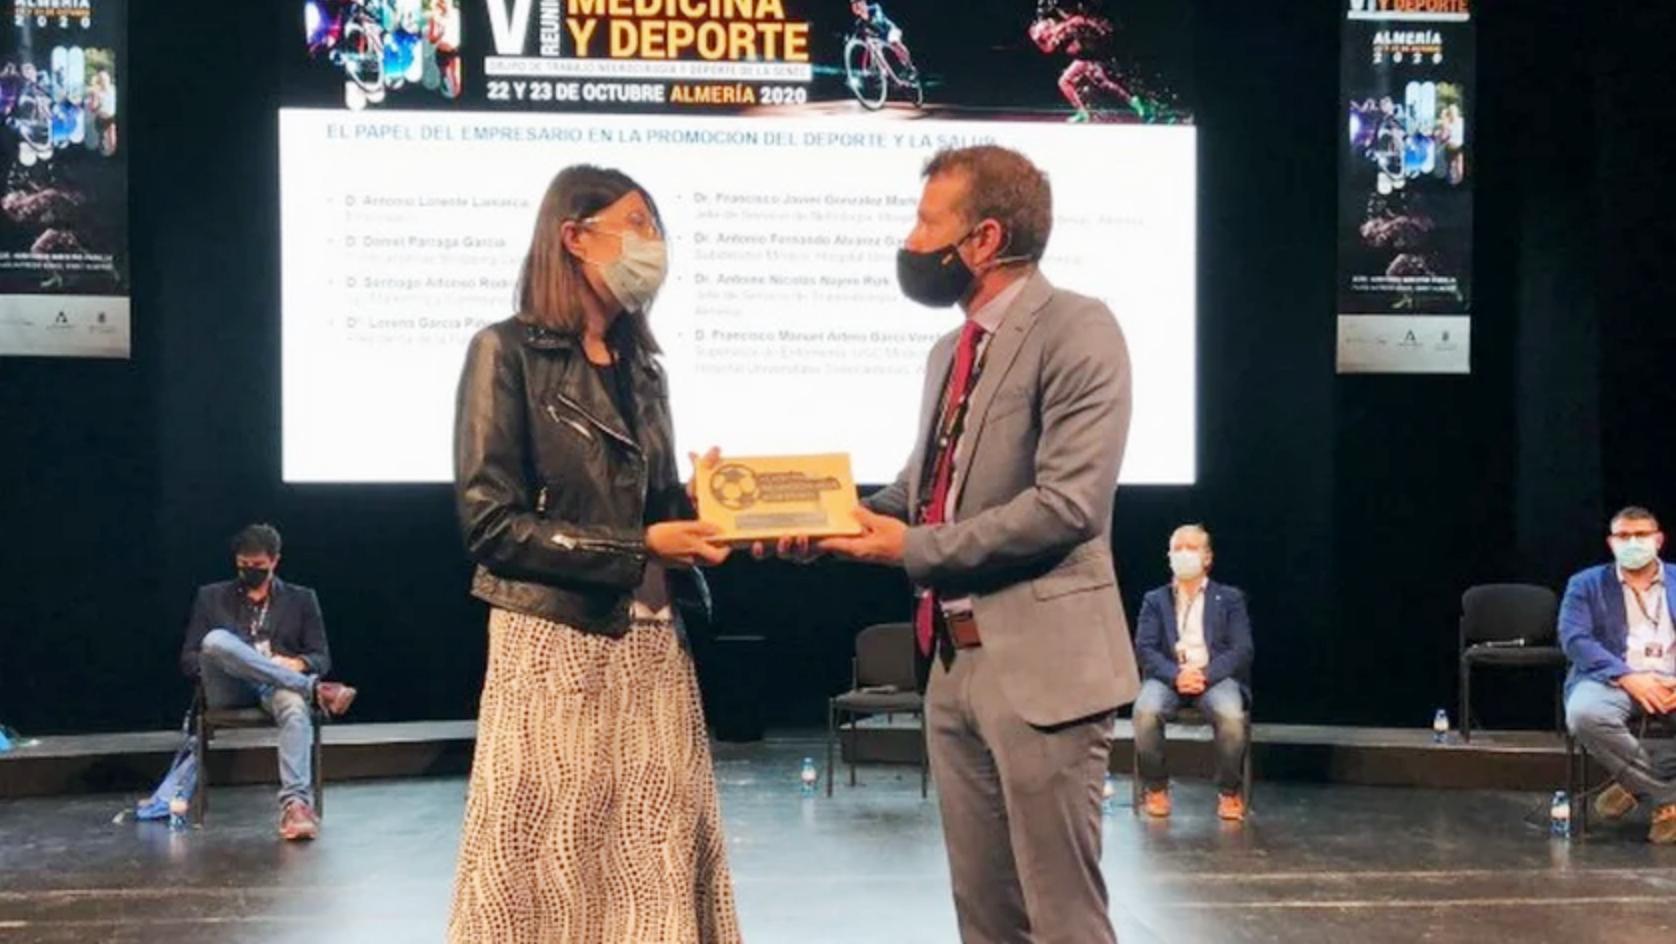 Turki galardonado en la Reunión de Medicina y Deporte 2020